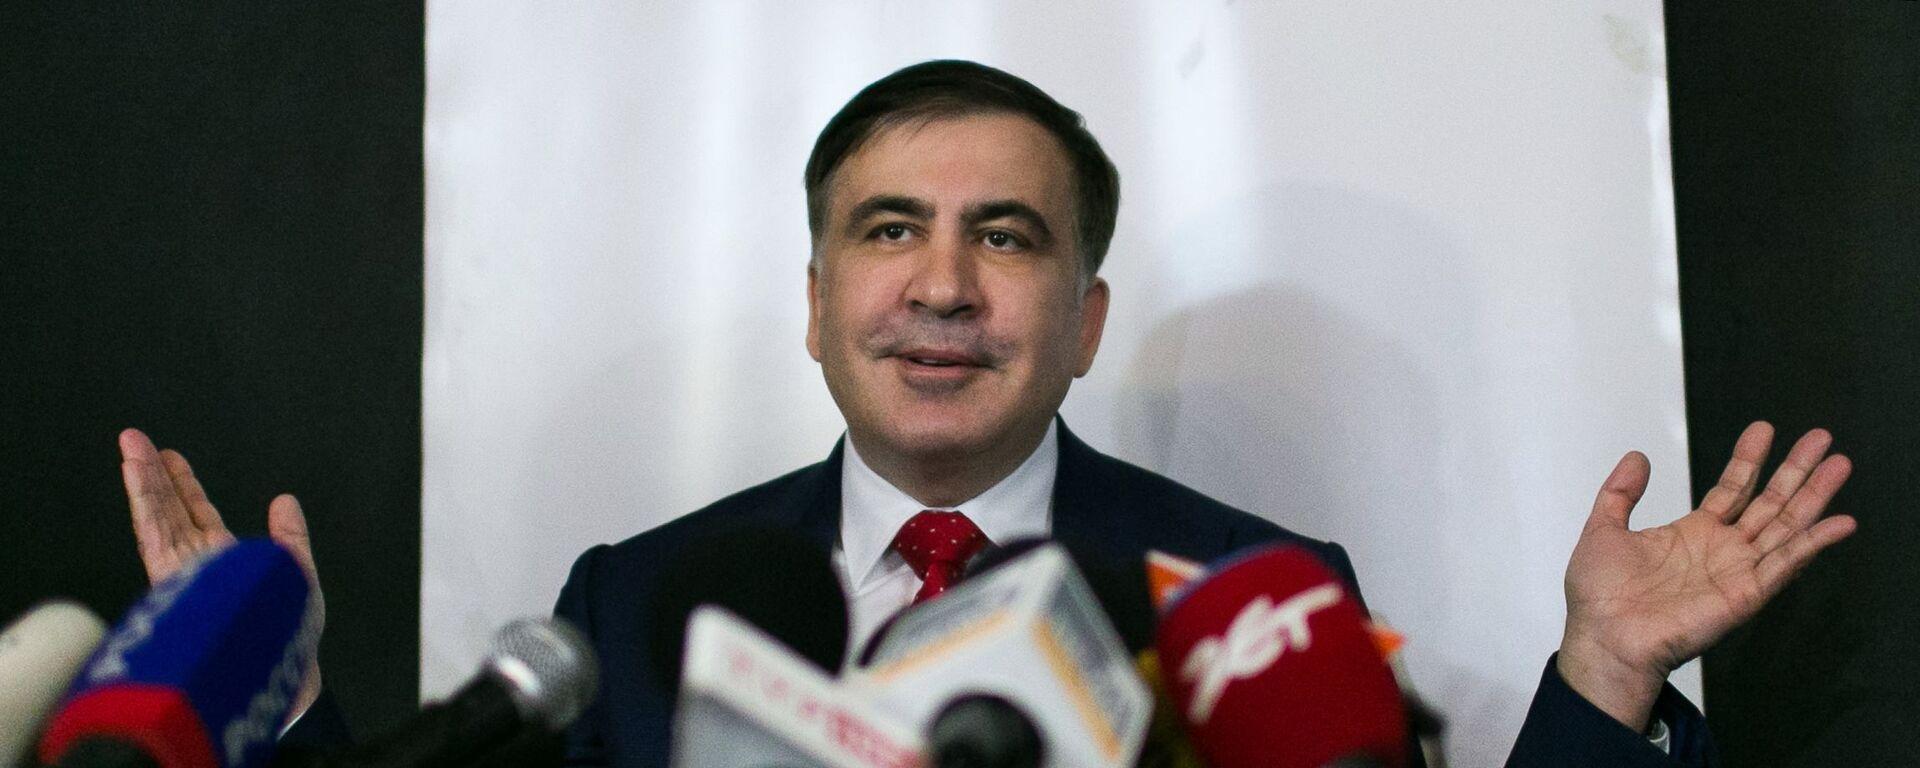 Бивши председник Грузије Михаил Сакашвили - Sputnik Србија, 1920, 01.10.2021